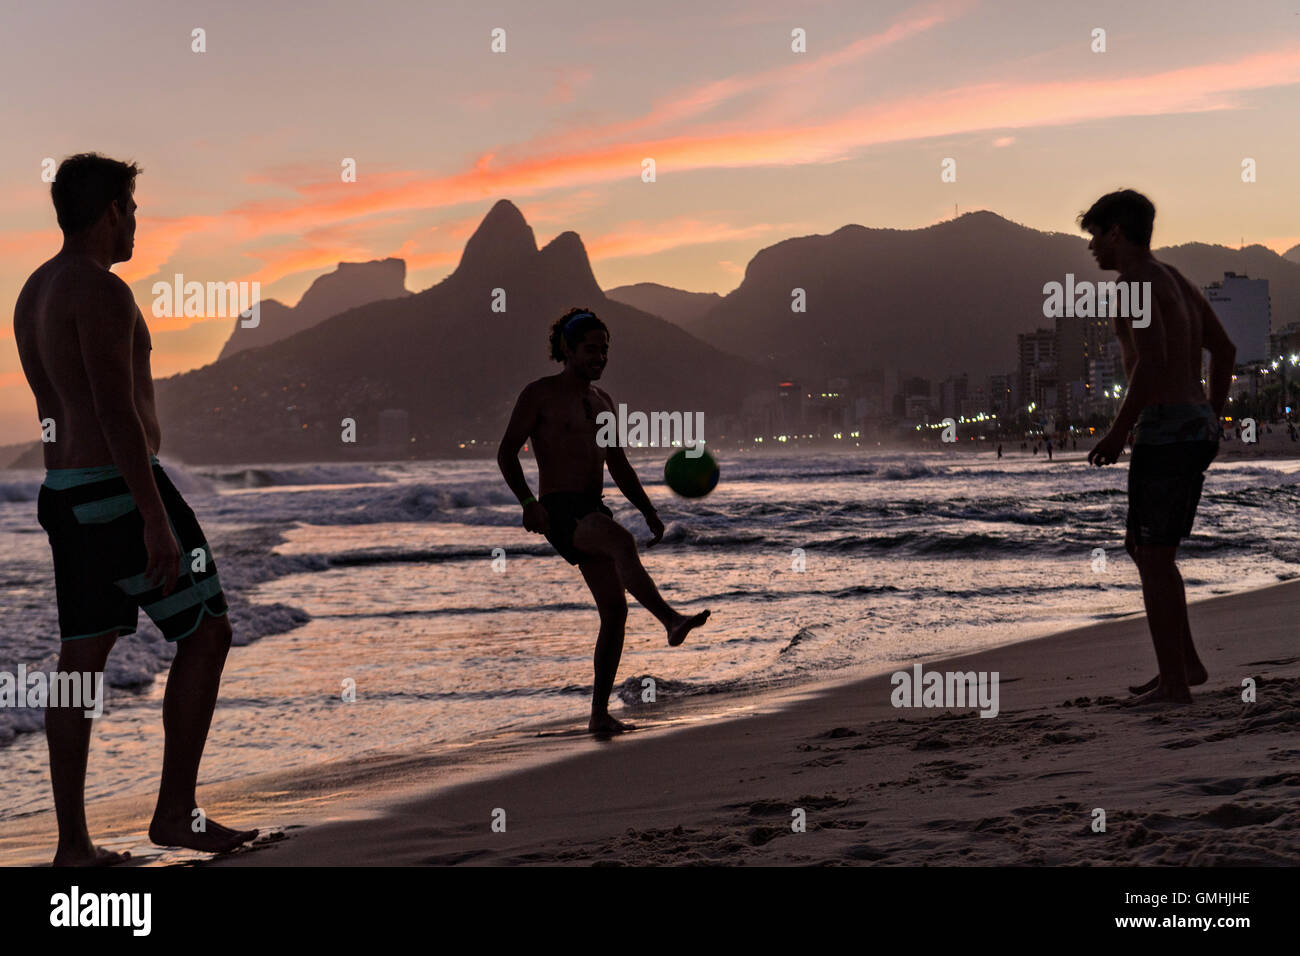 Los hombres jóvenes juegan al fútbol en la playa de Ipanema silueteado de atardecer con los dos hermanos Imagen De Stock